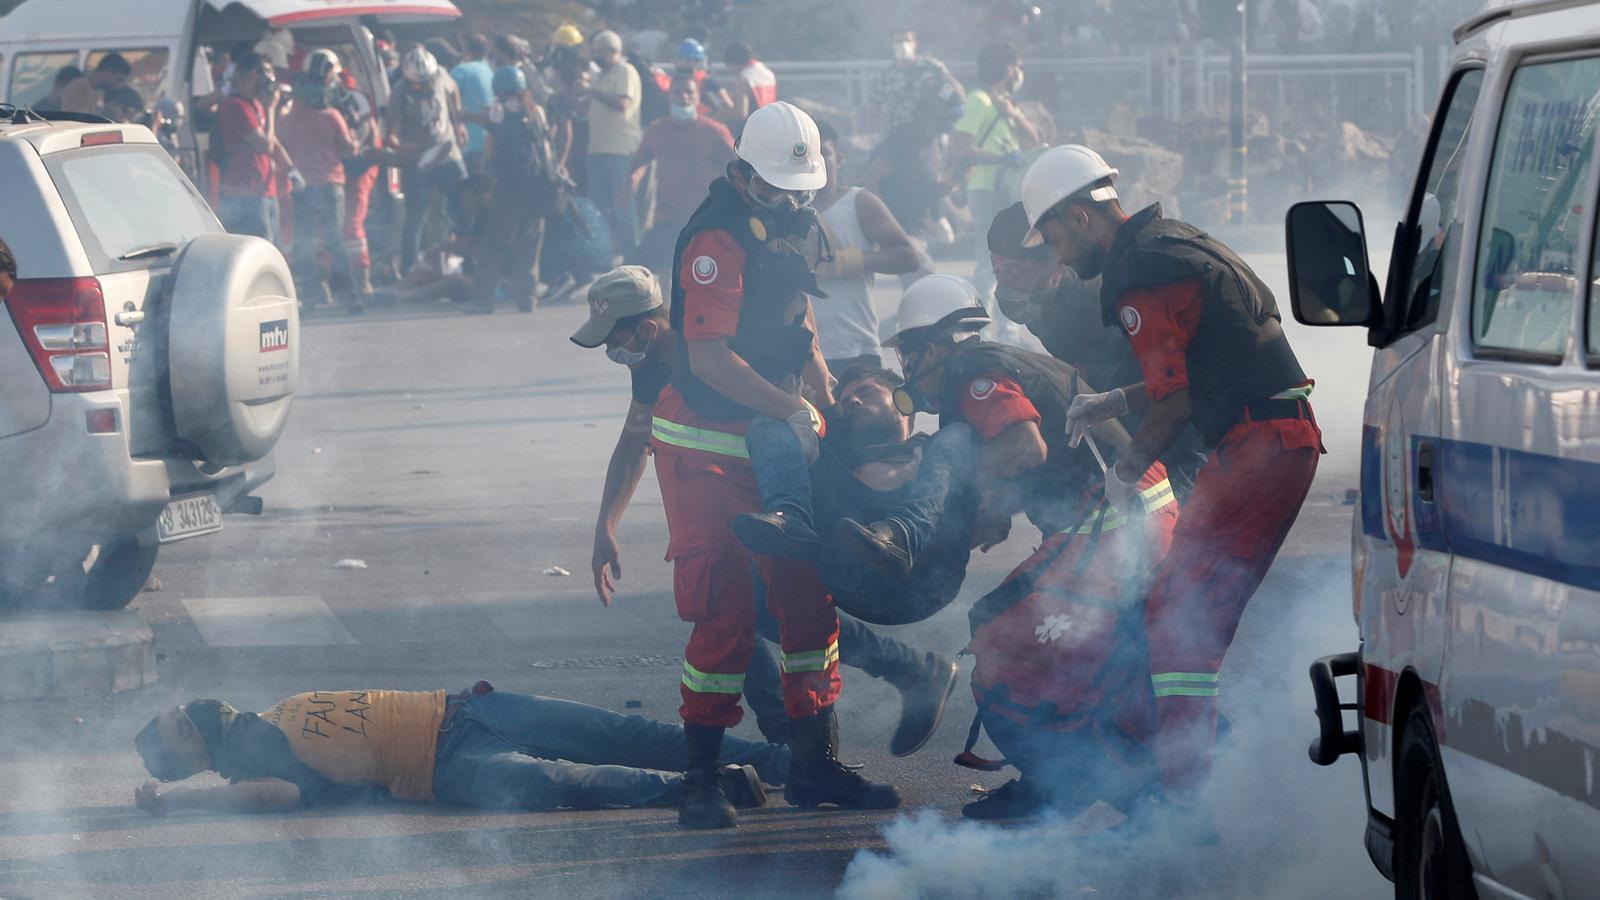 Un manifestat ferit és evacuat durant les protestes d'aquest dissabte  a Beirut.